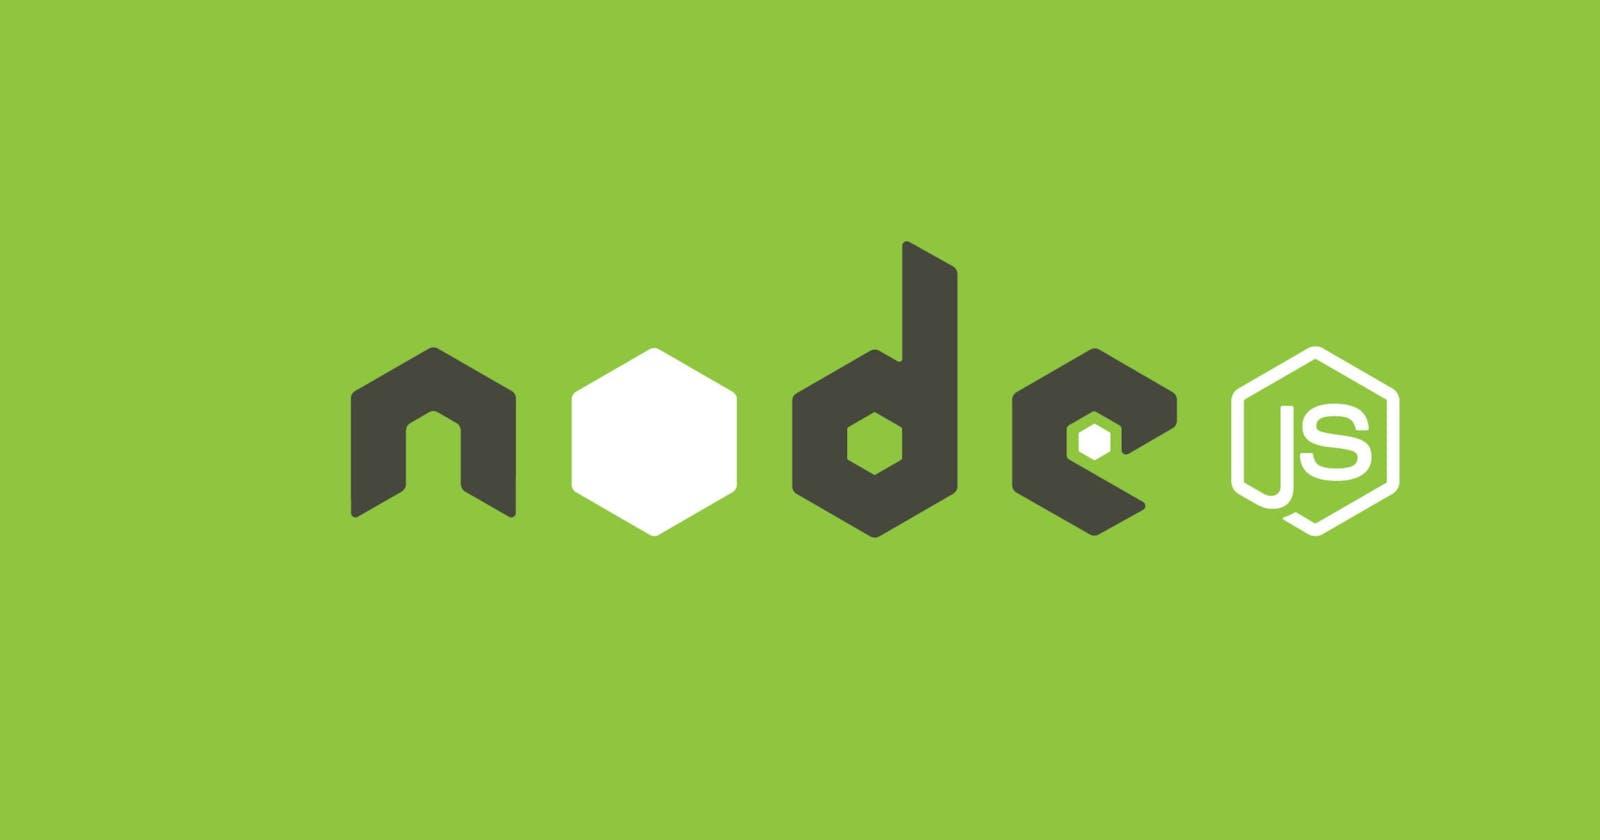 NodeJS without NPM